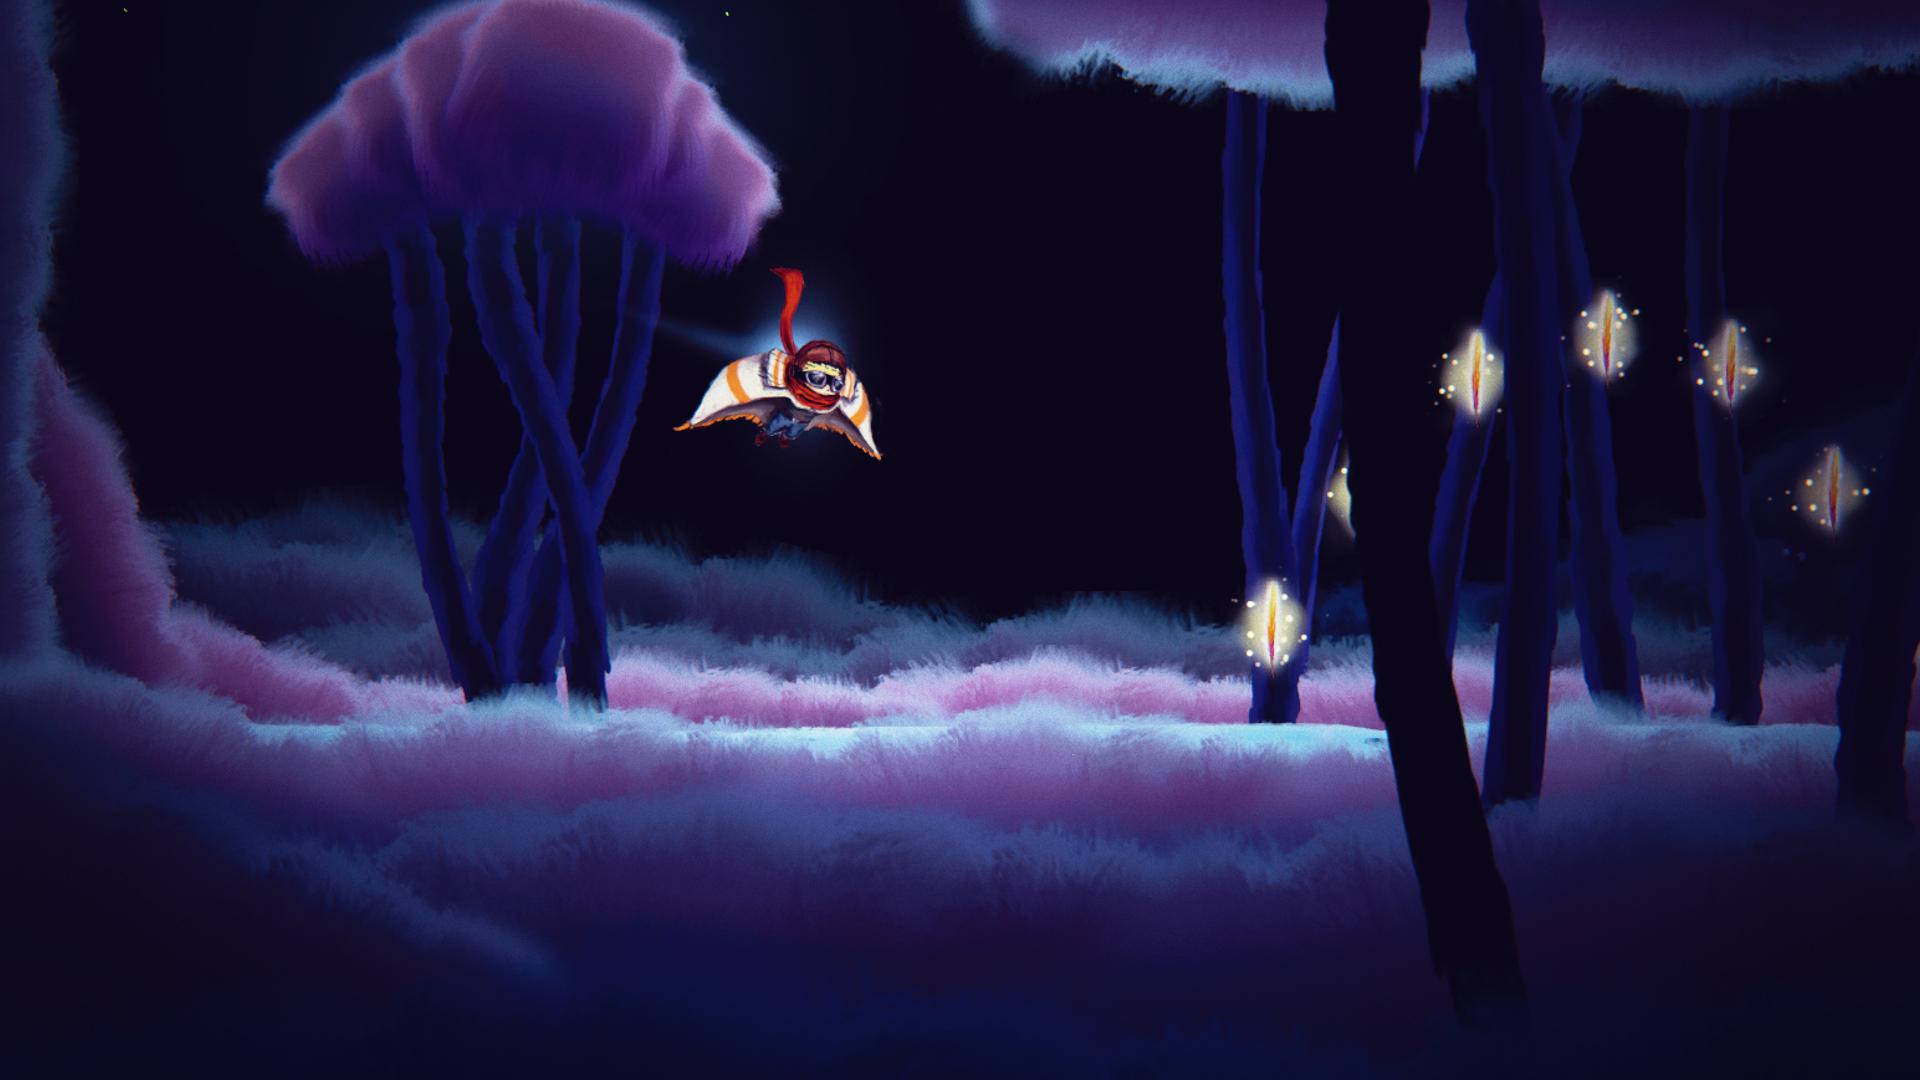 Talewind screenshot